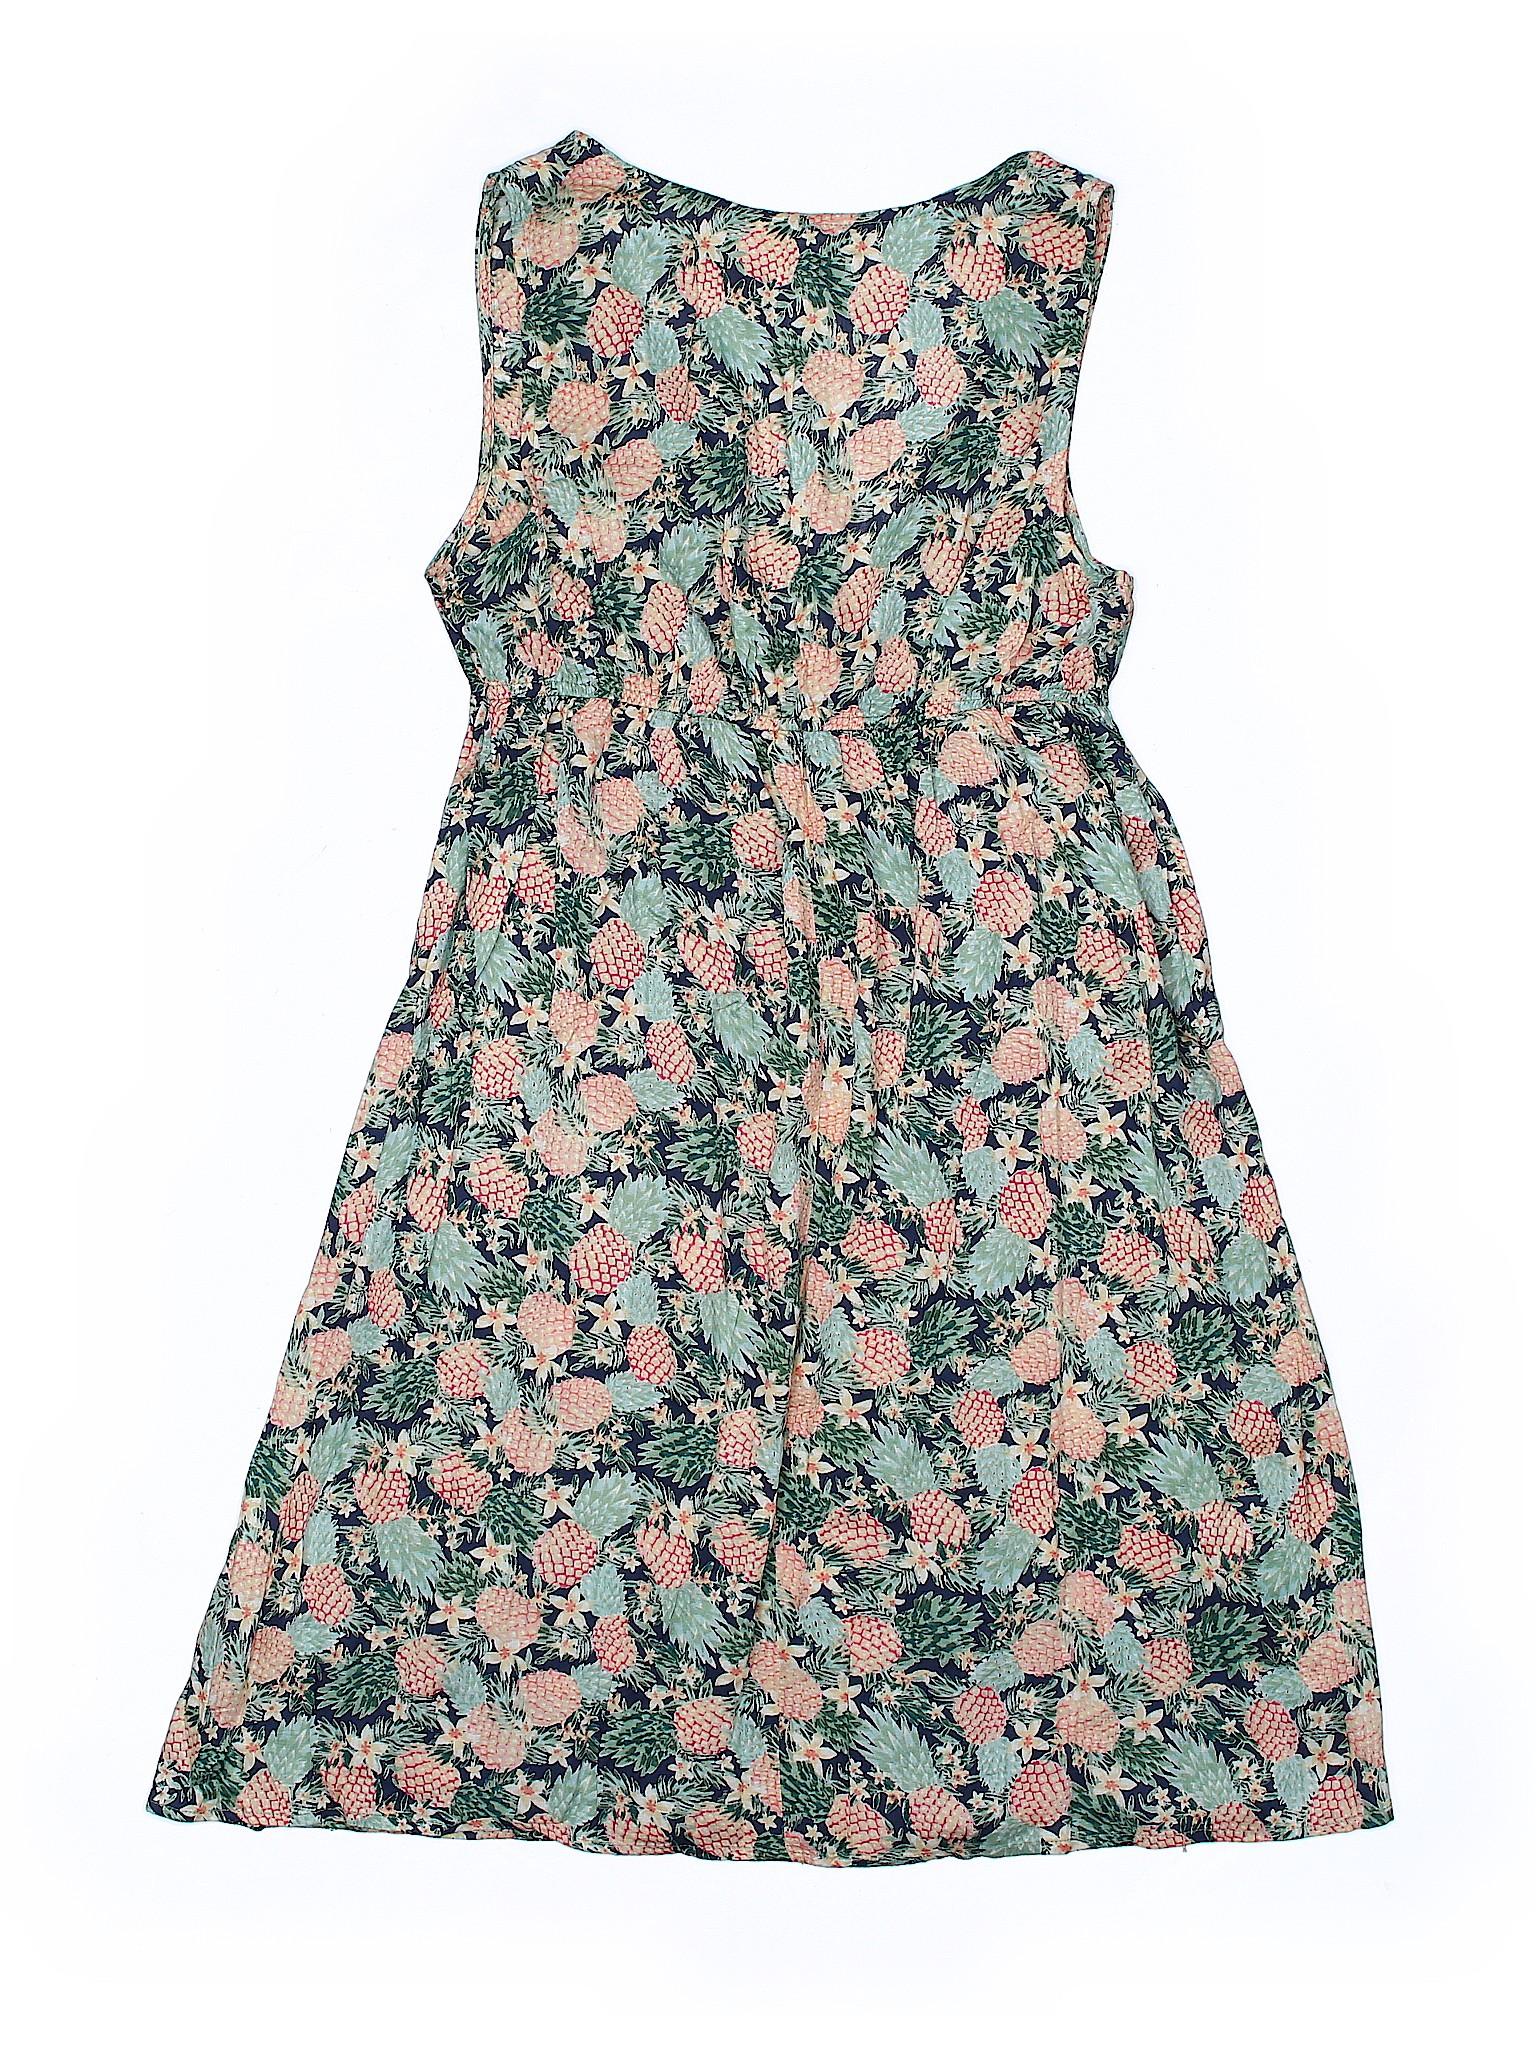 Japna Japna Up Cover Boutique Swimsuit Boutique Swimsuit w1za0PBq